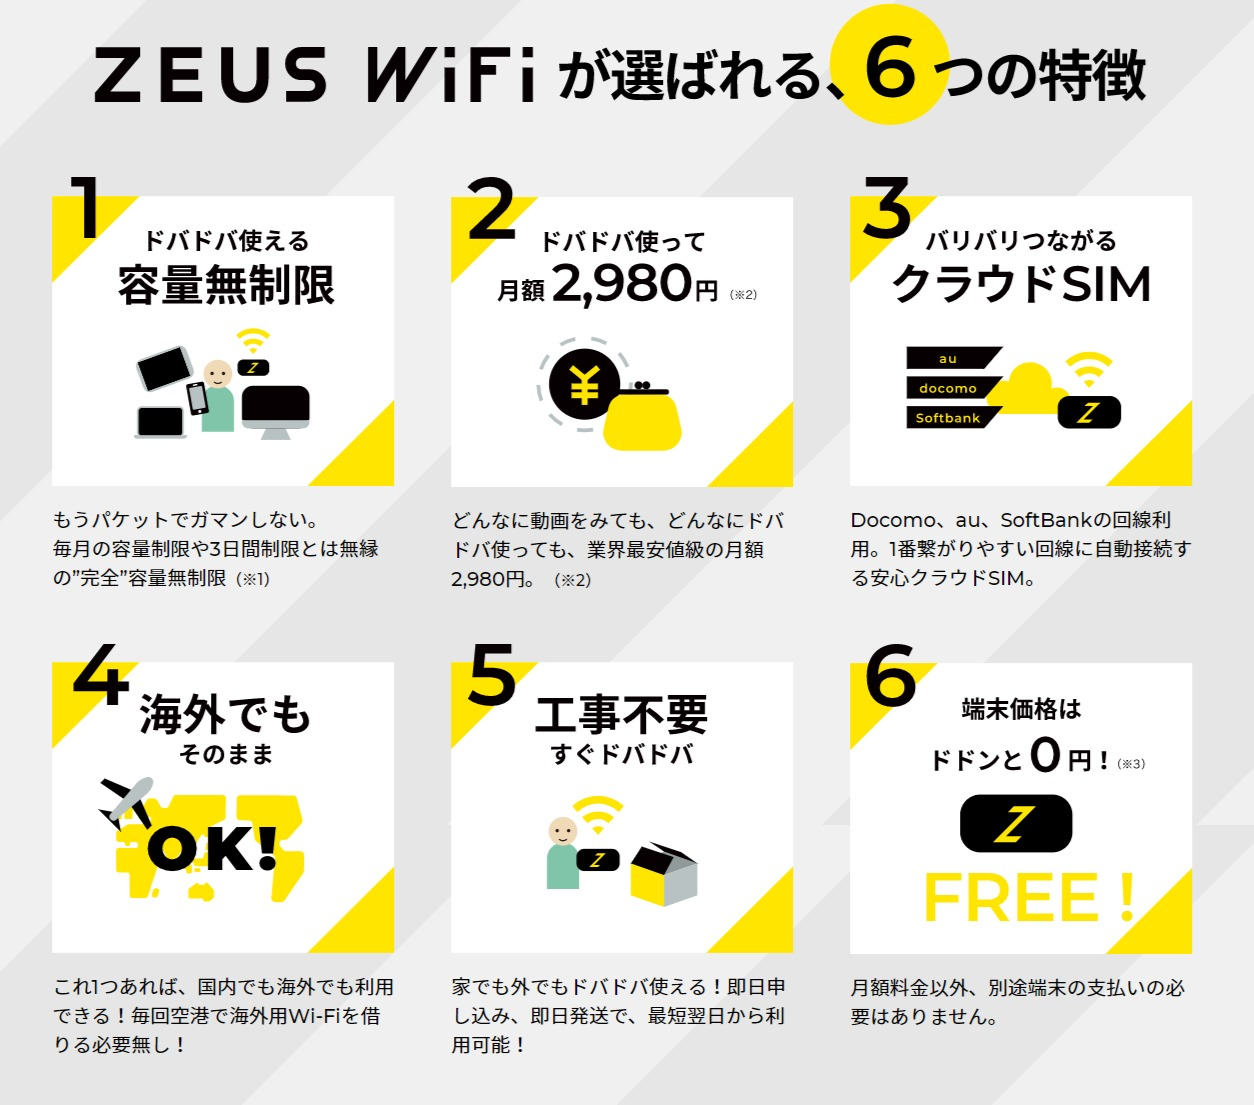 ZEUS WiFi 特徴